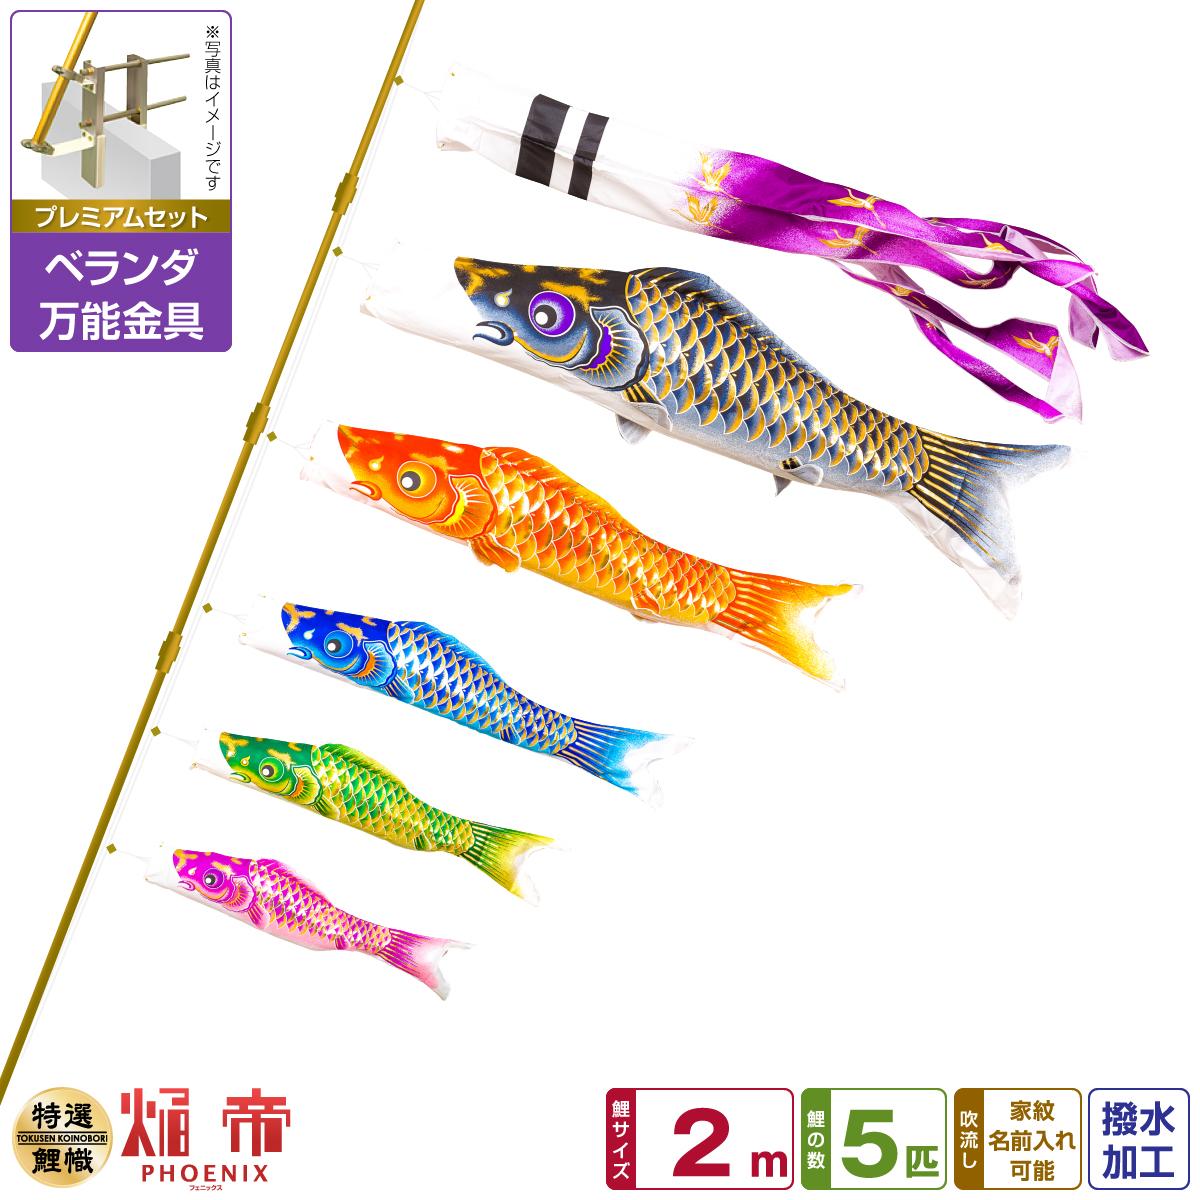 ベランダ用 こいのぼり 鯉のぼり 焔帝鯉フェニックス 2m 8点(吹流し+鯉5匹+矢車+ロープ)/プレミアムセット(万能取付金具)